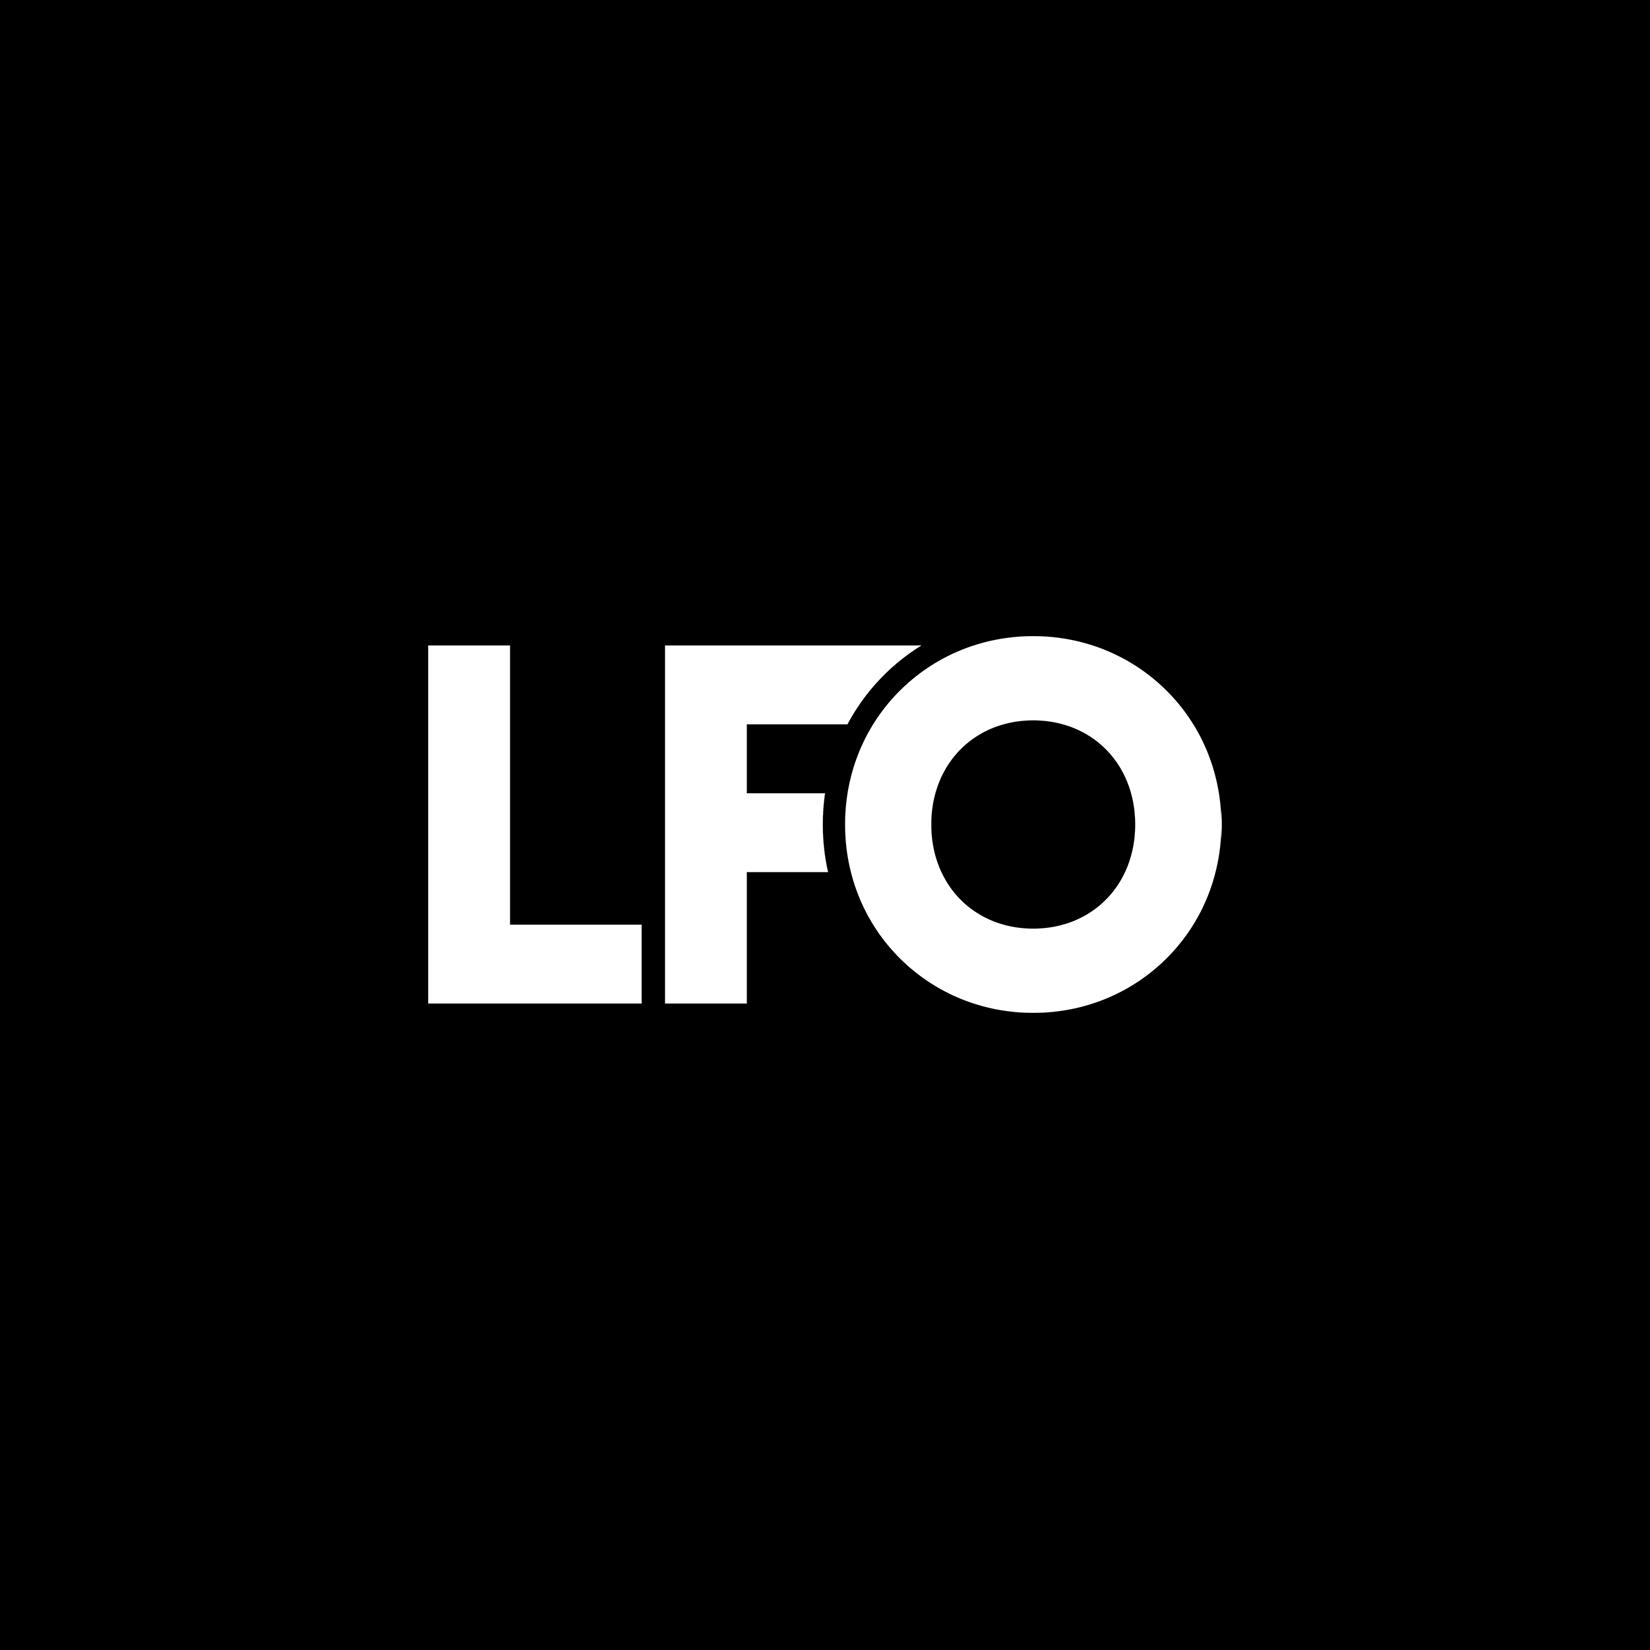 lfo_05